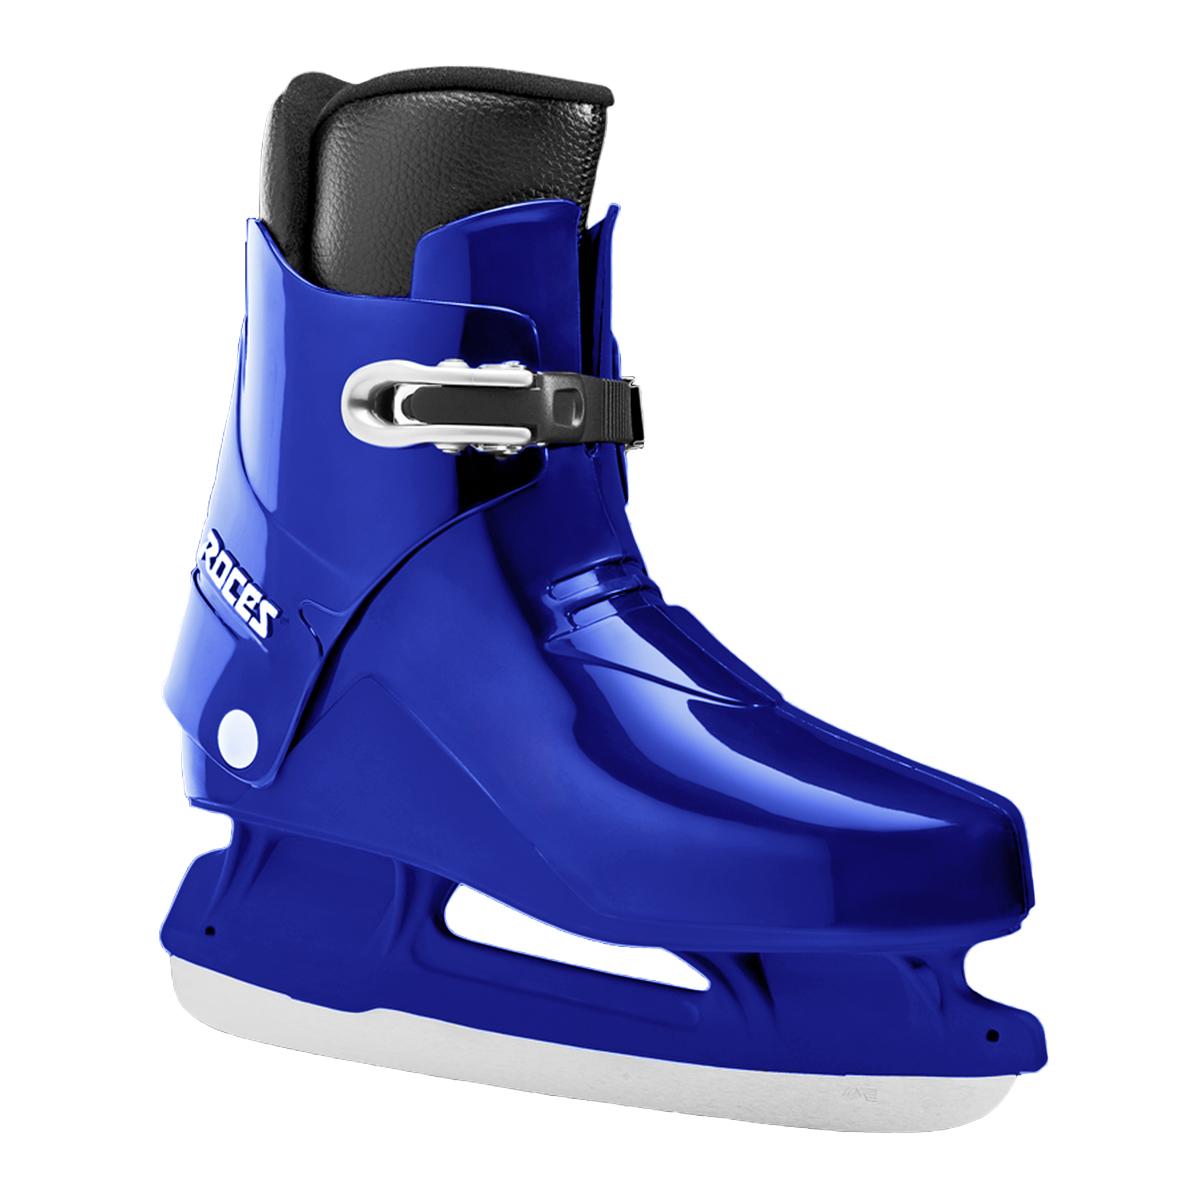 Klizaljke Roces RX DUE Blue